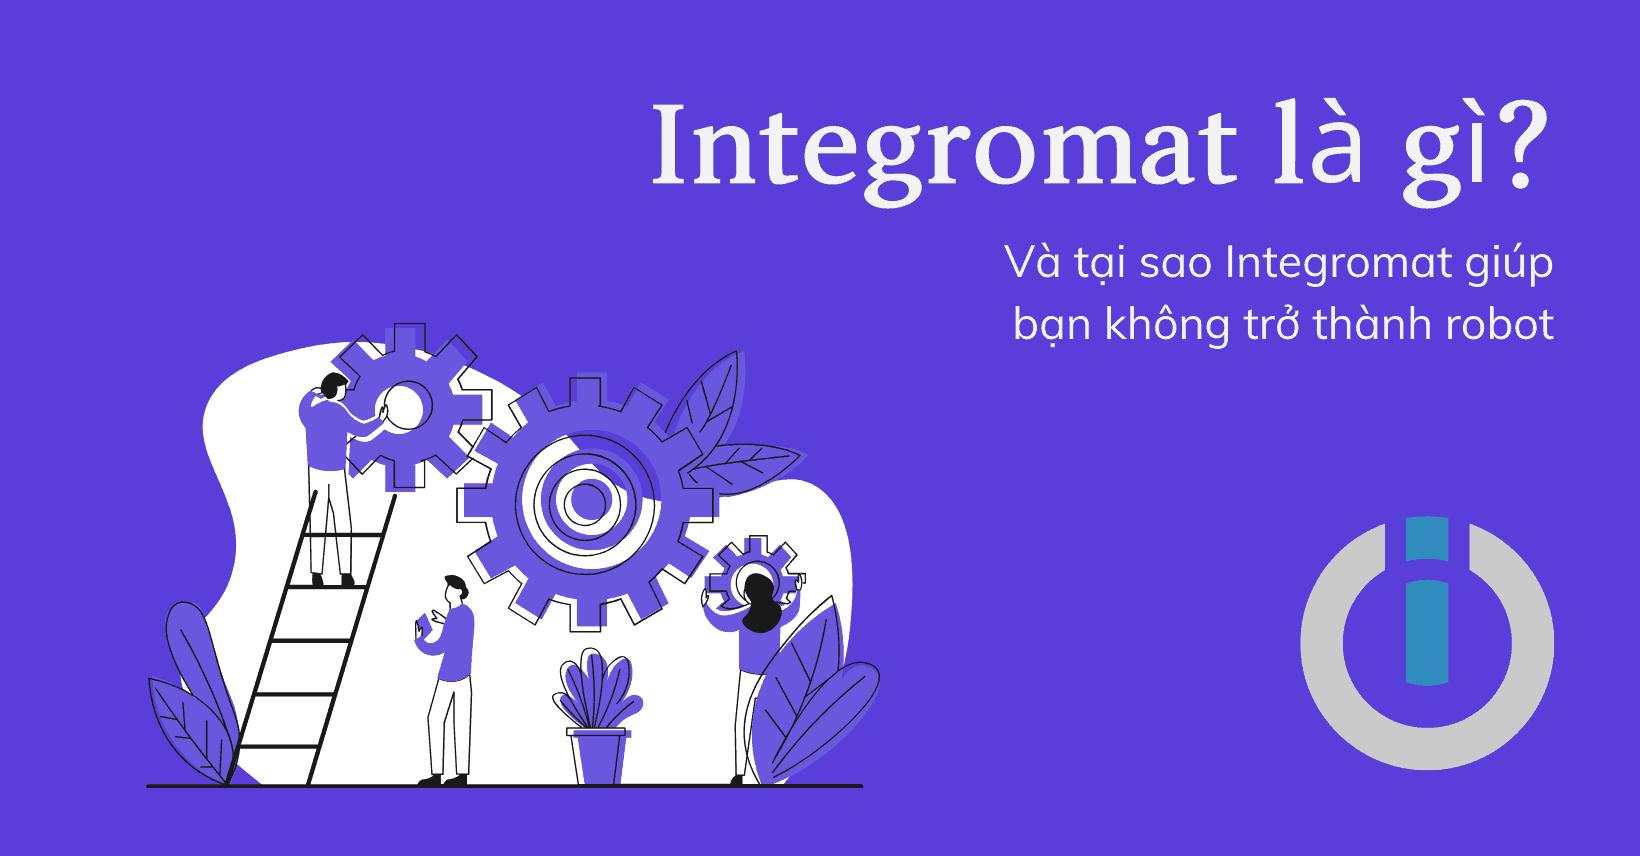 Ảnh bìa bài viết Integromat là gì